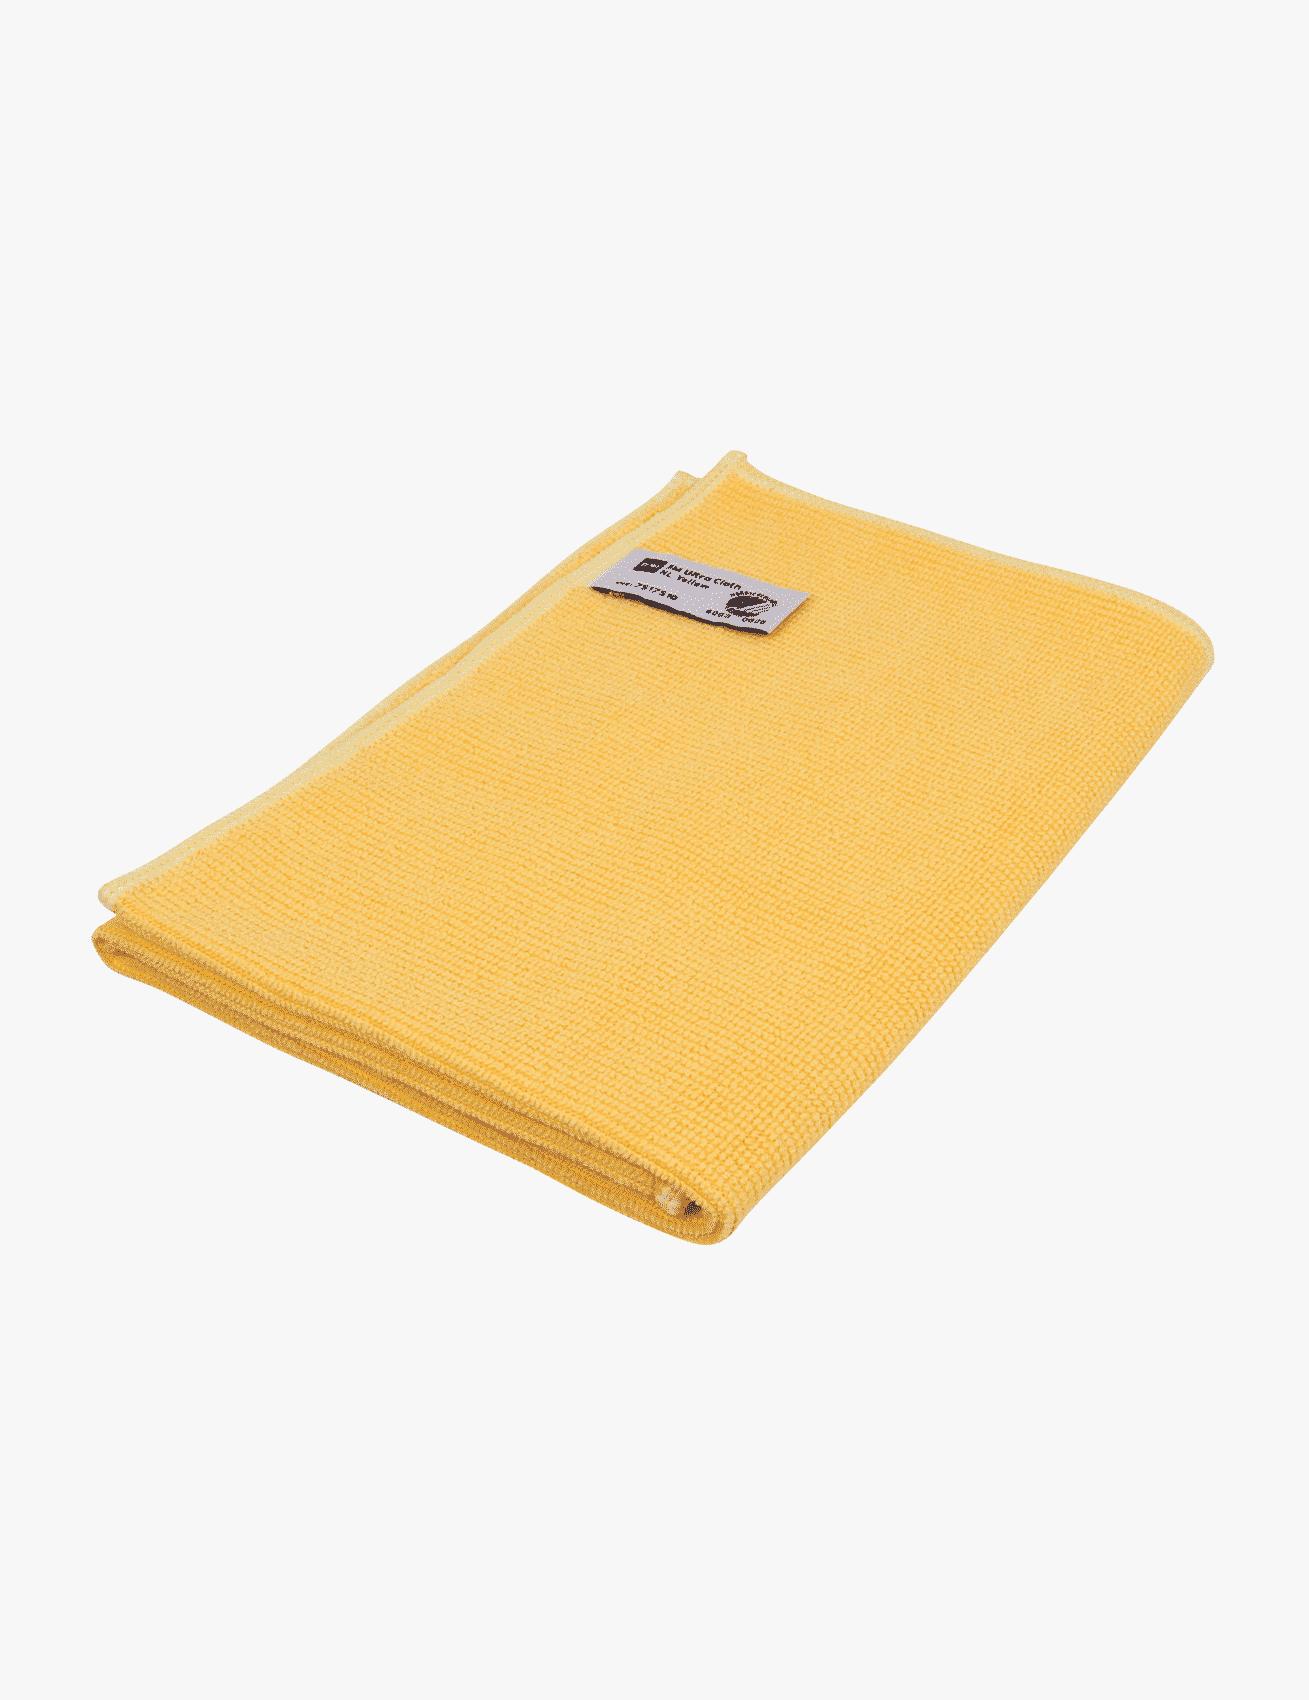 Серветка для прибирання TASKI JM ULTRA CLOTH, 32х32см, жовта